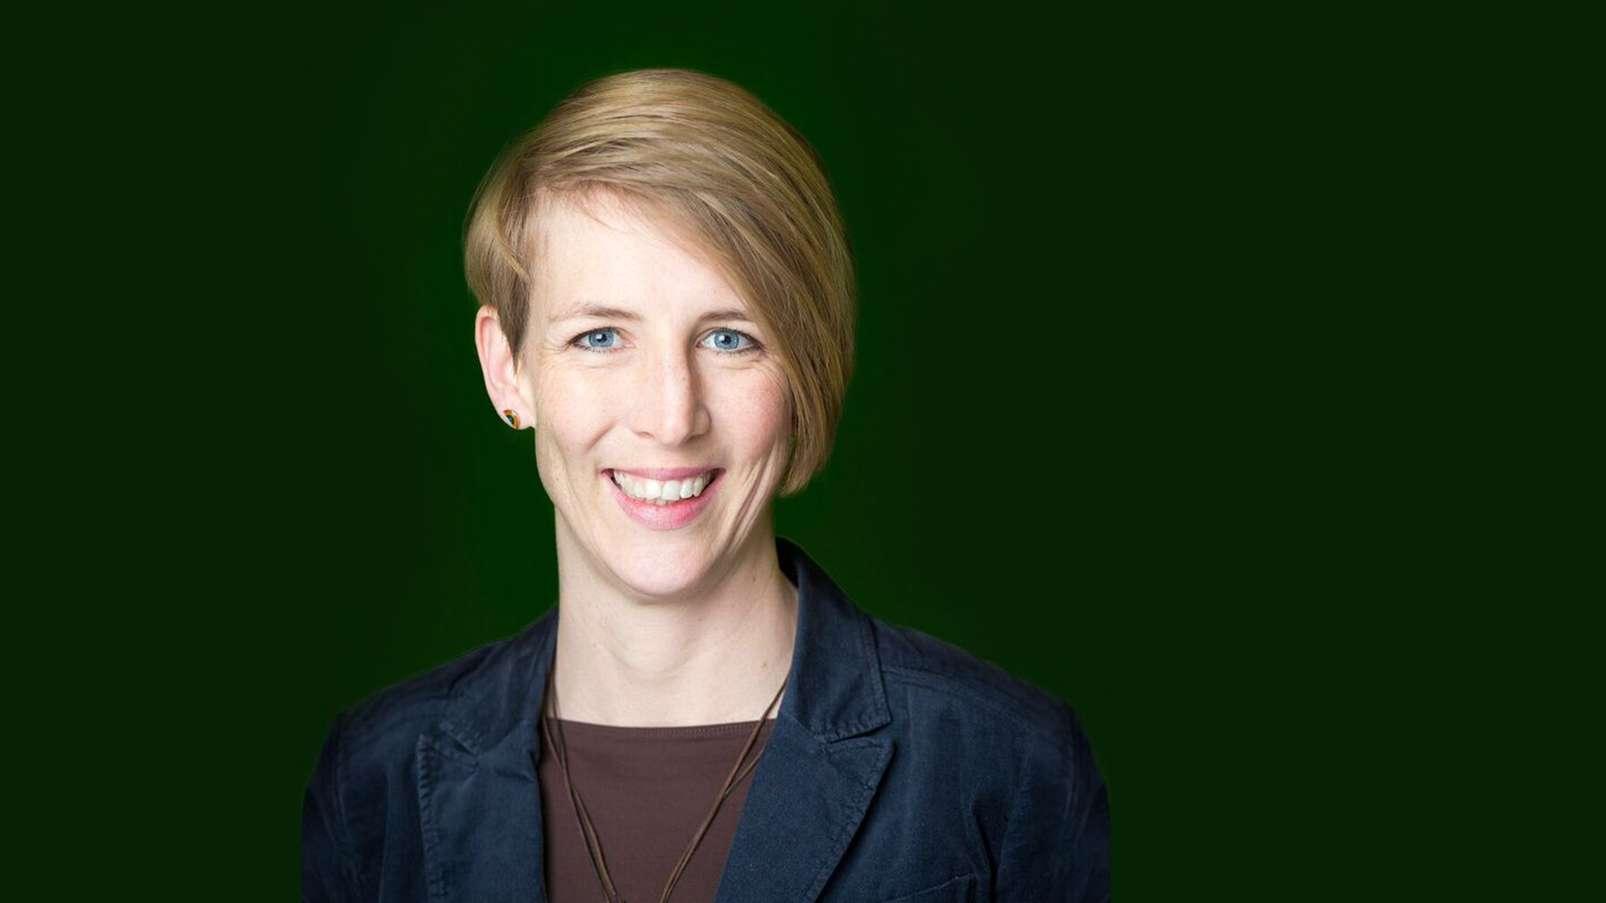 Katrin Habenschaden, OB Kandidatin der Grünen in München